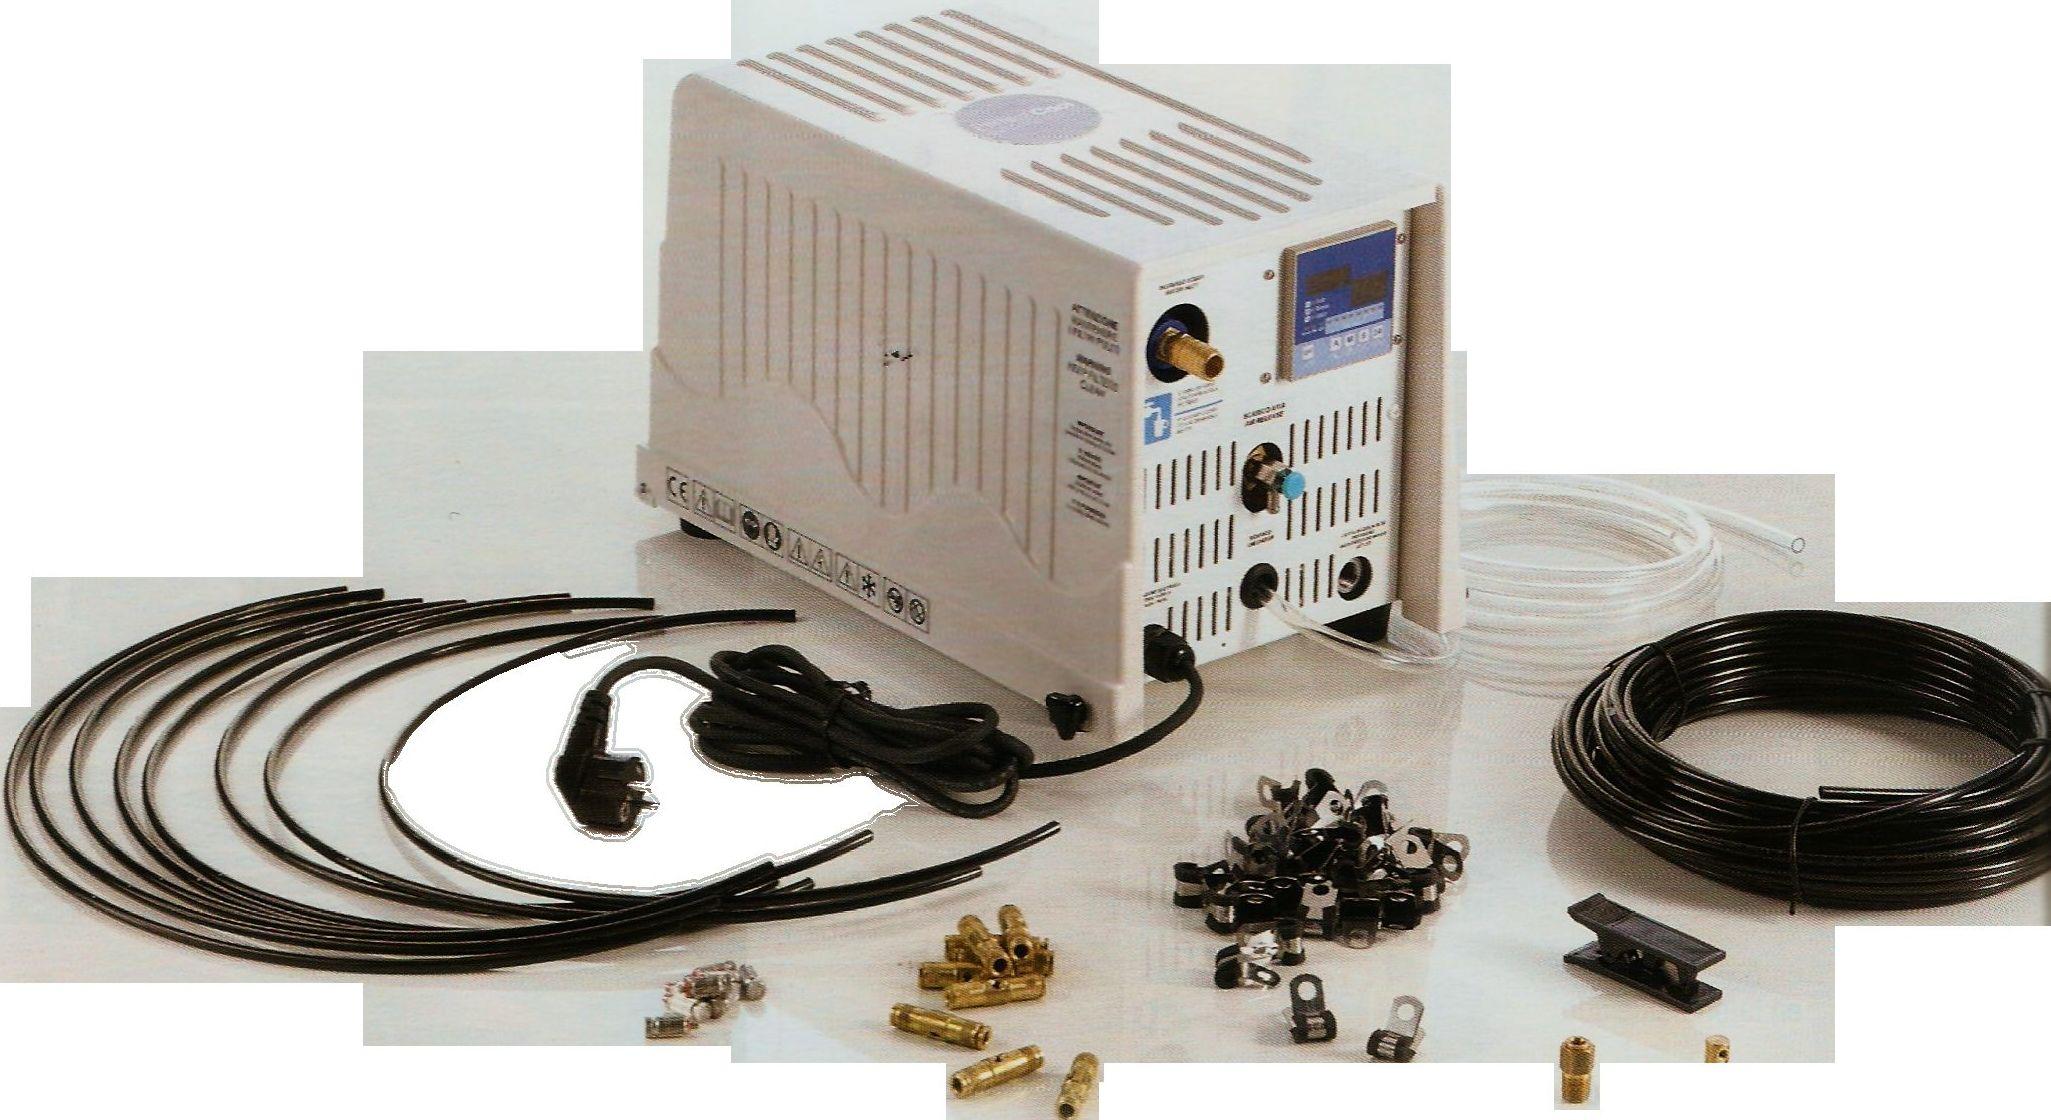 Equipos Domésticos Microclima: Productos y Equipos de Técnicas de Alta Presión y Limpieza, S. L.